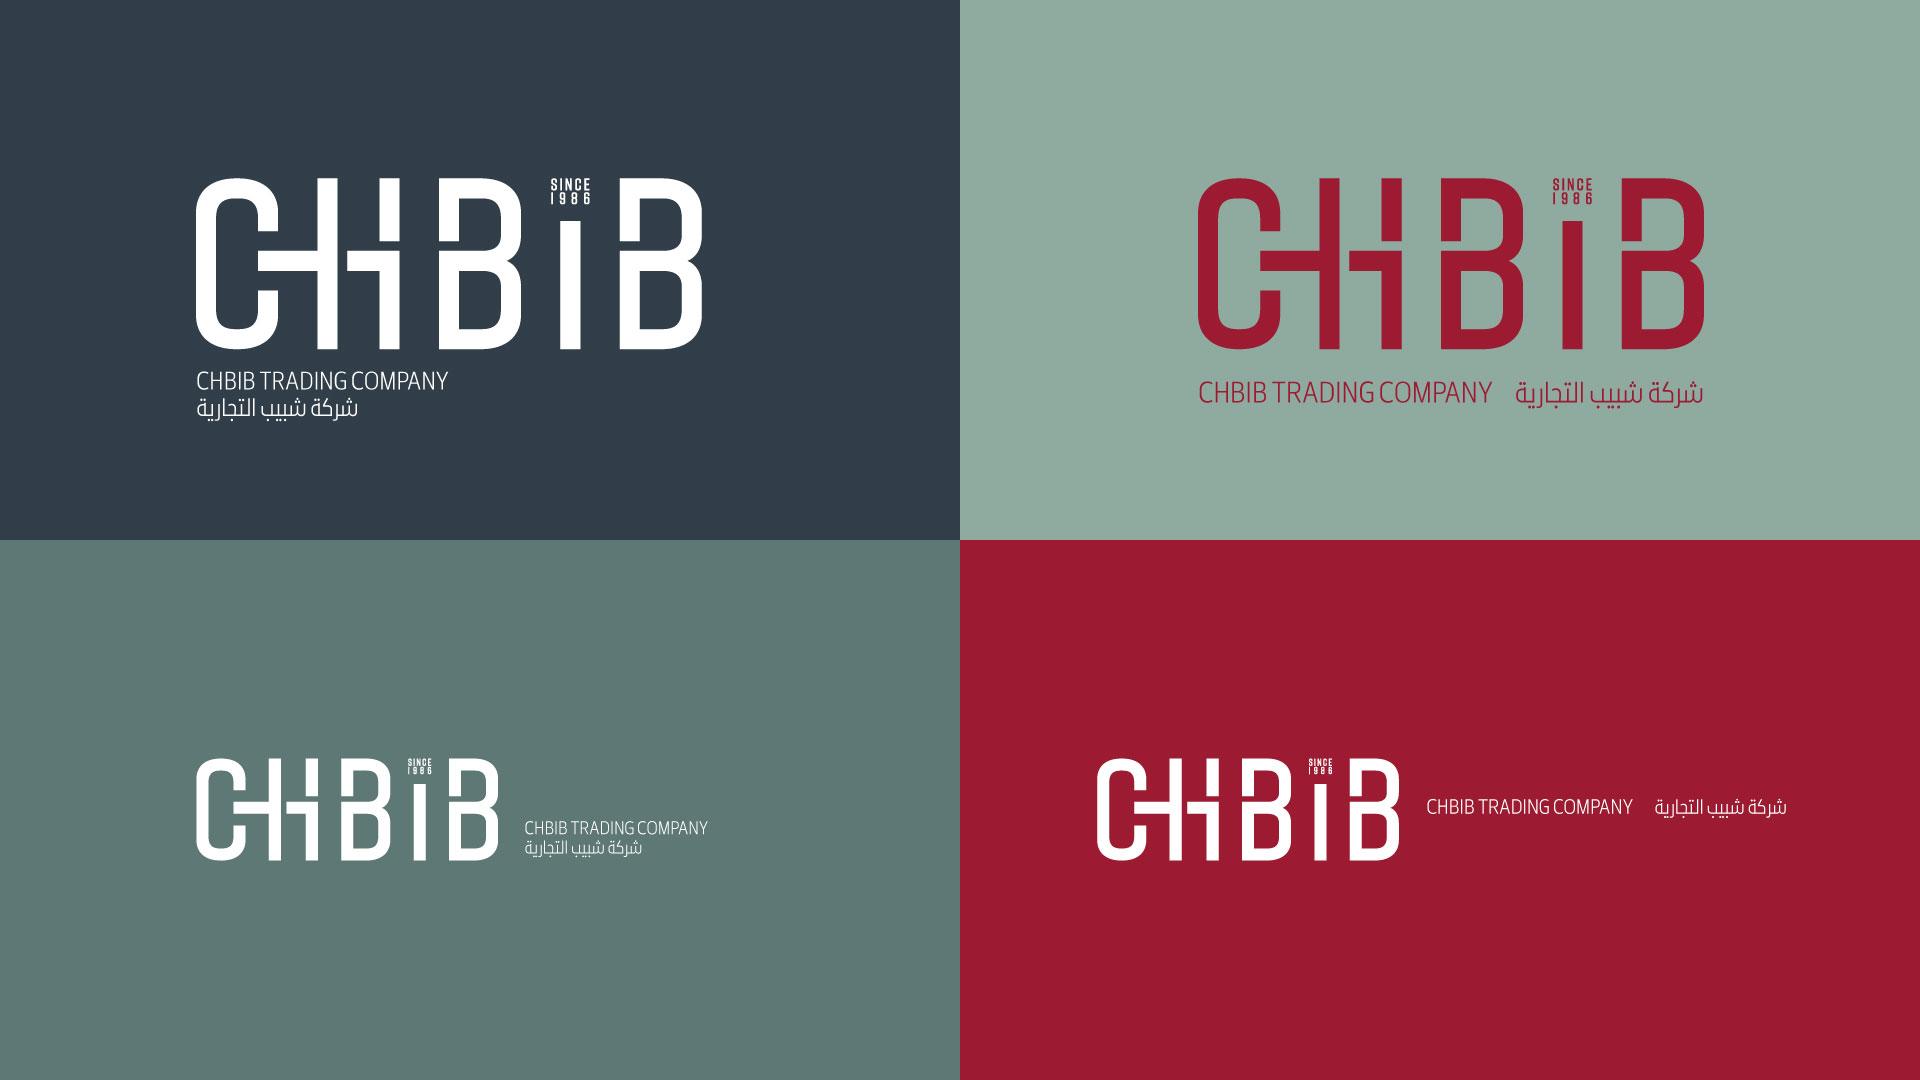 Chbib-Digital-Brandkit-08